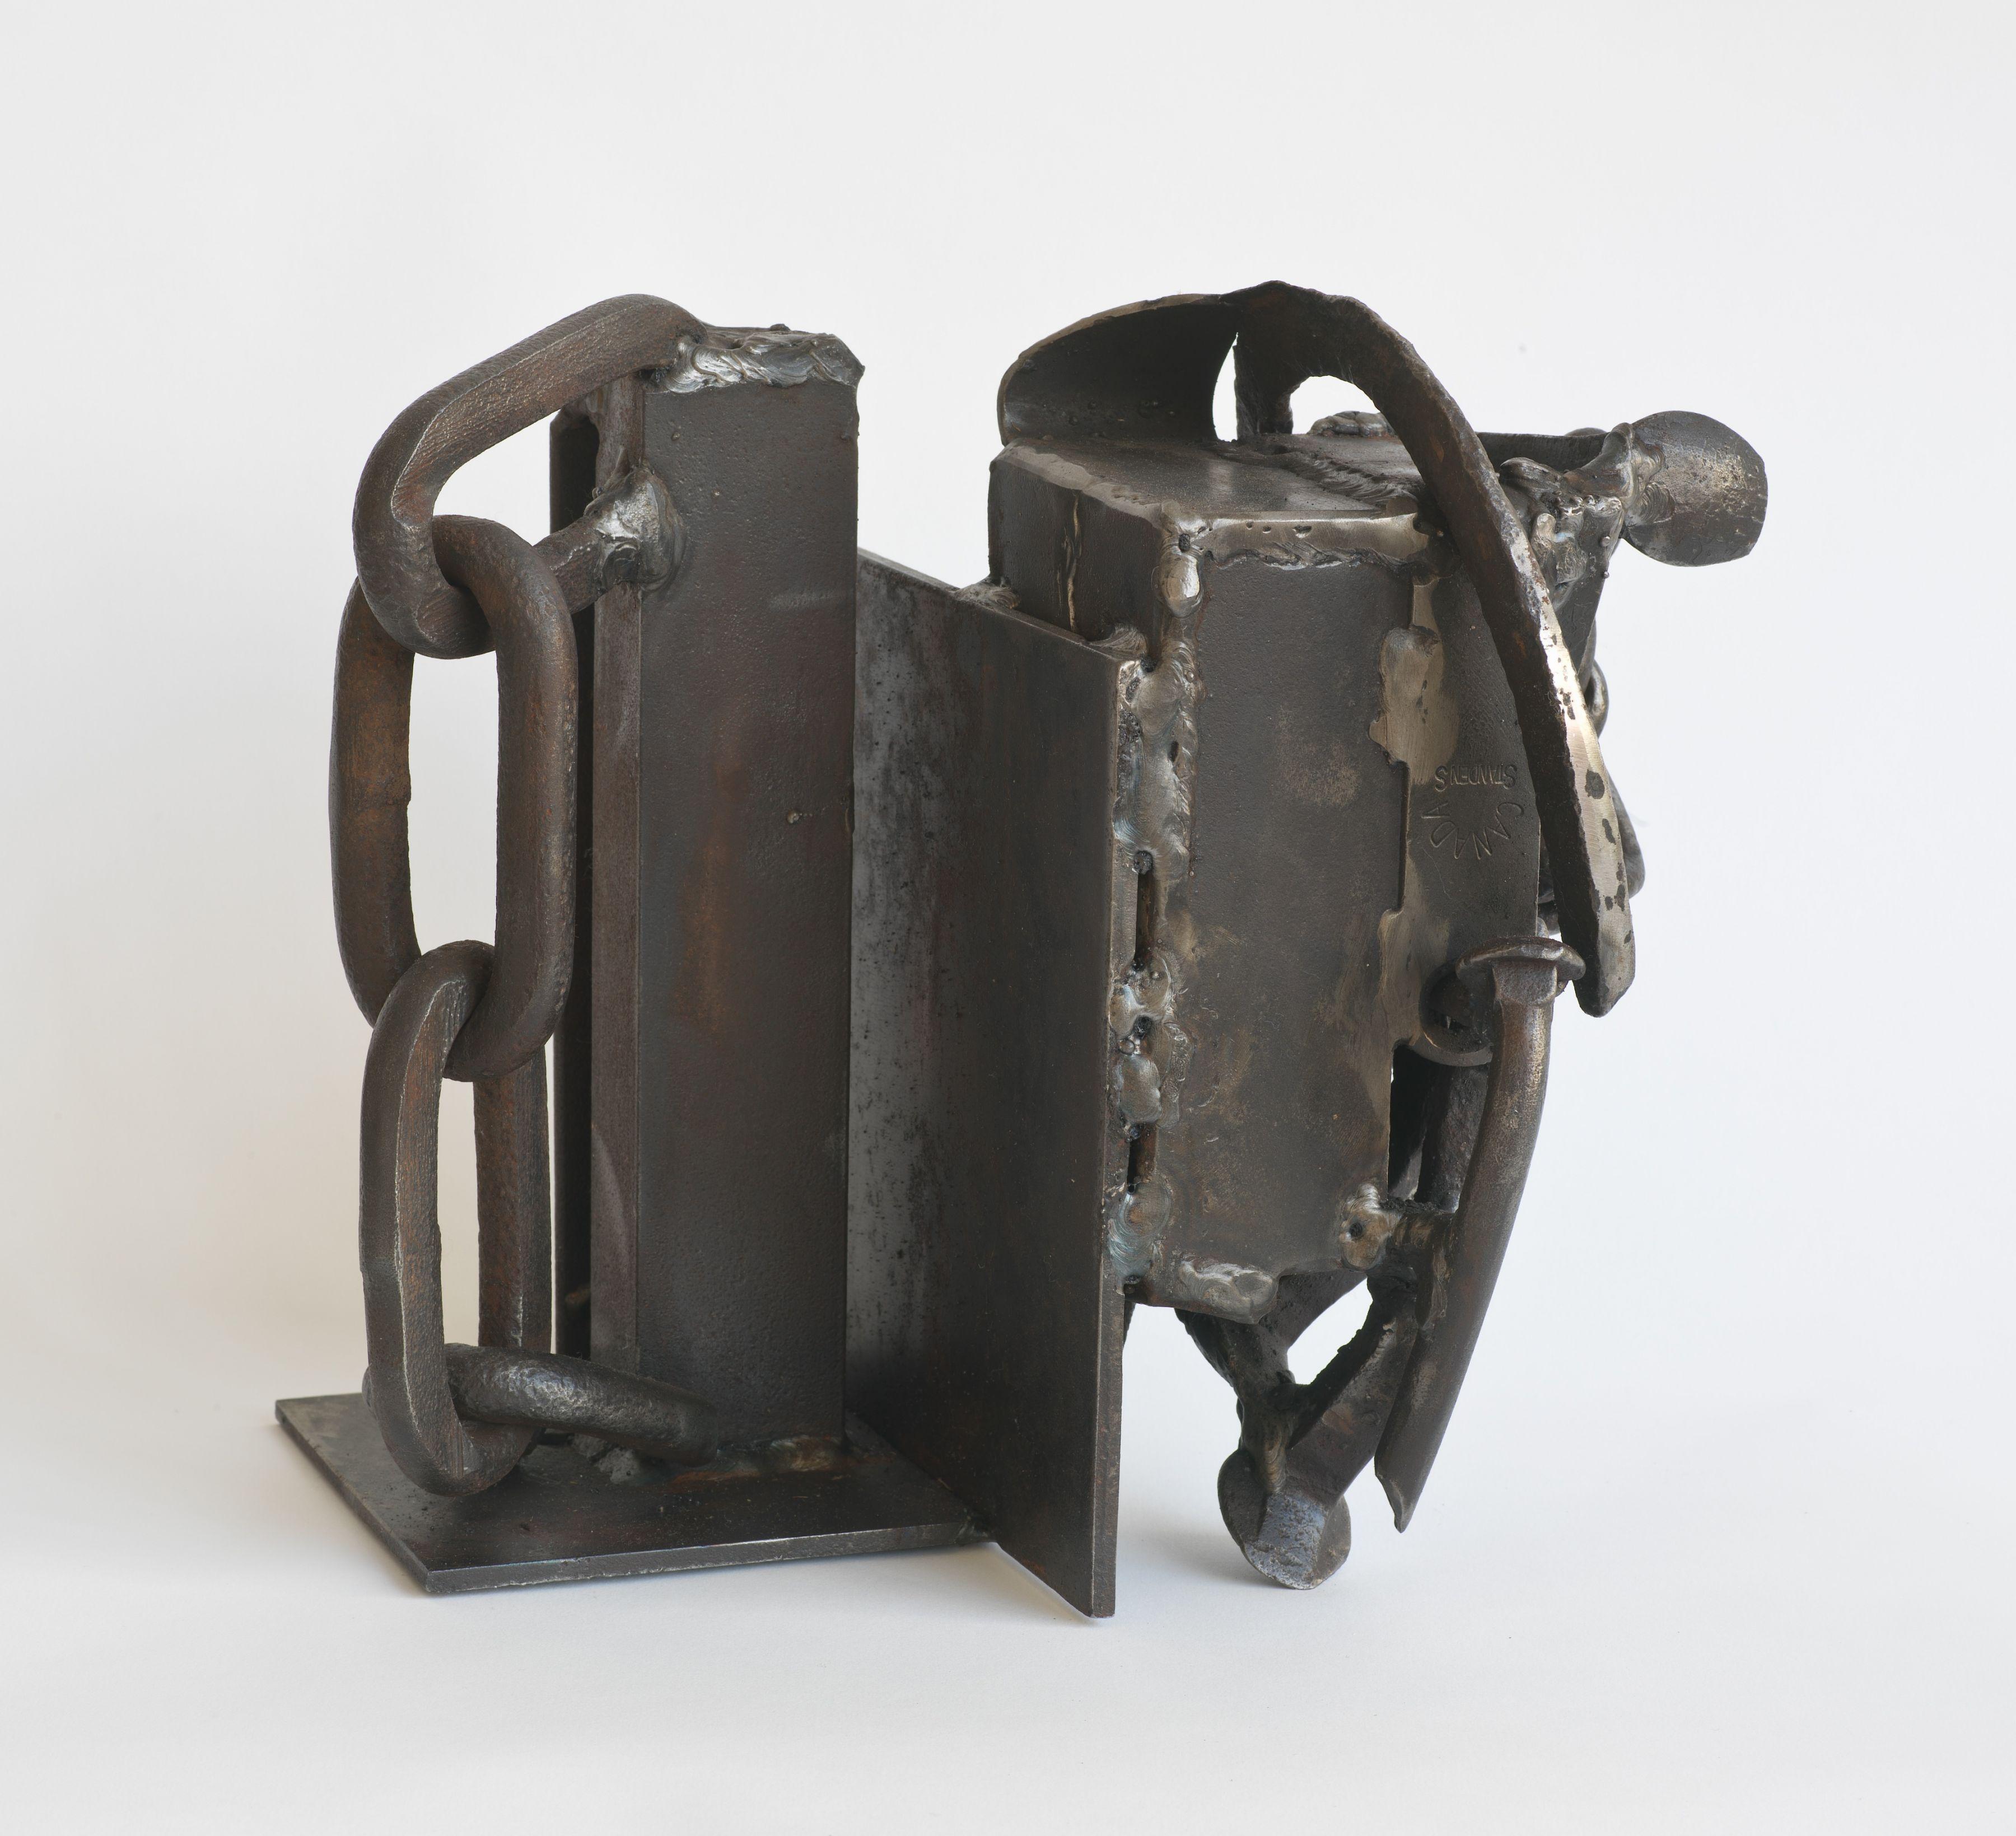 Combination, 2005, Welded steel